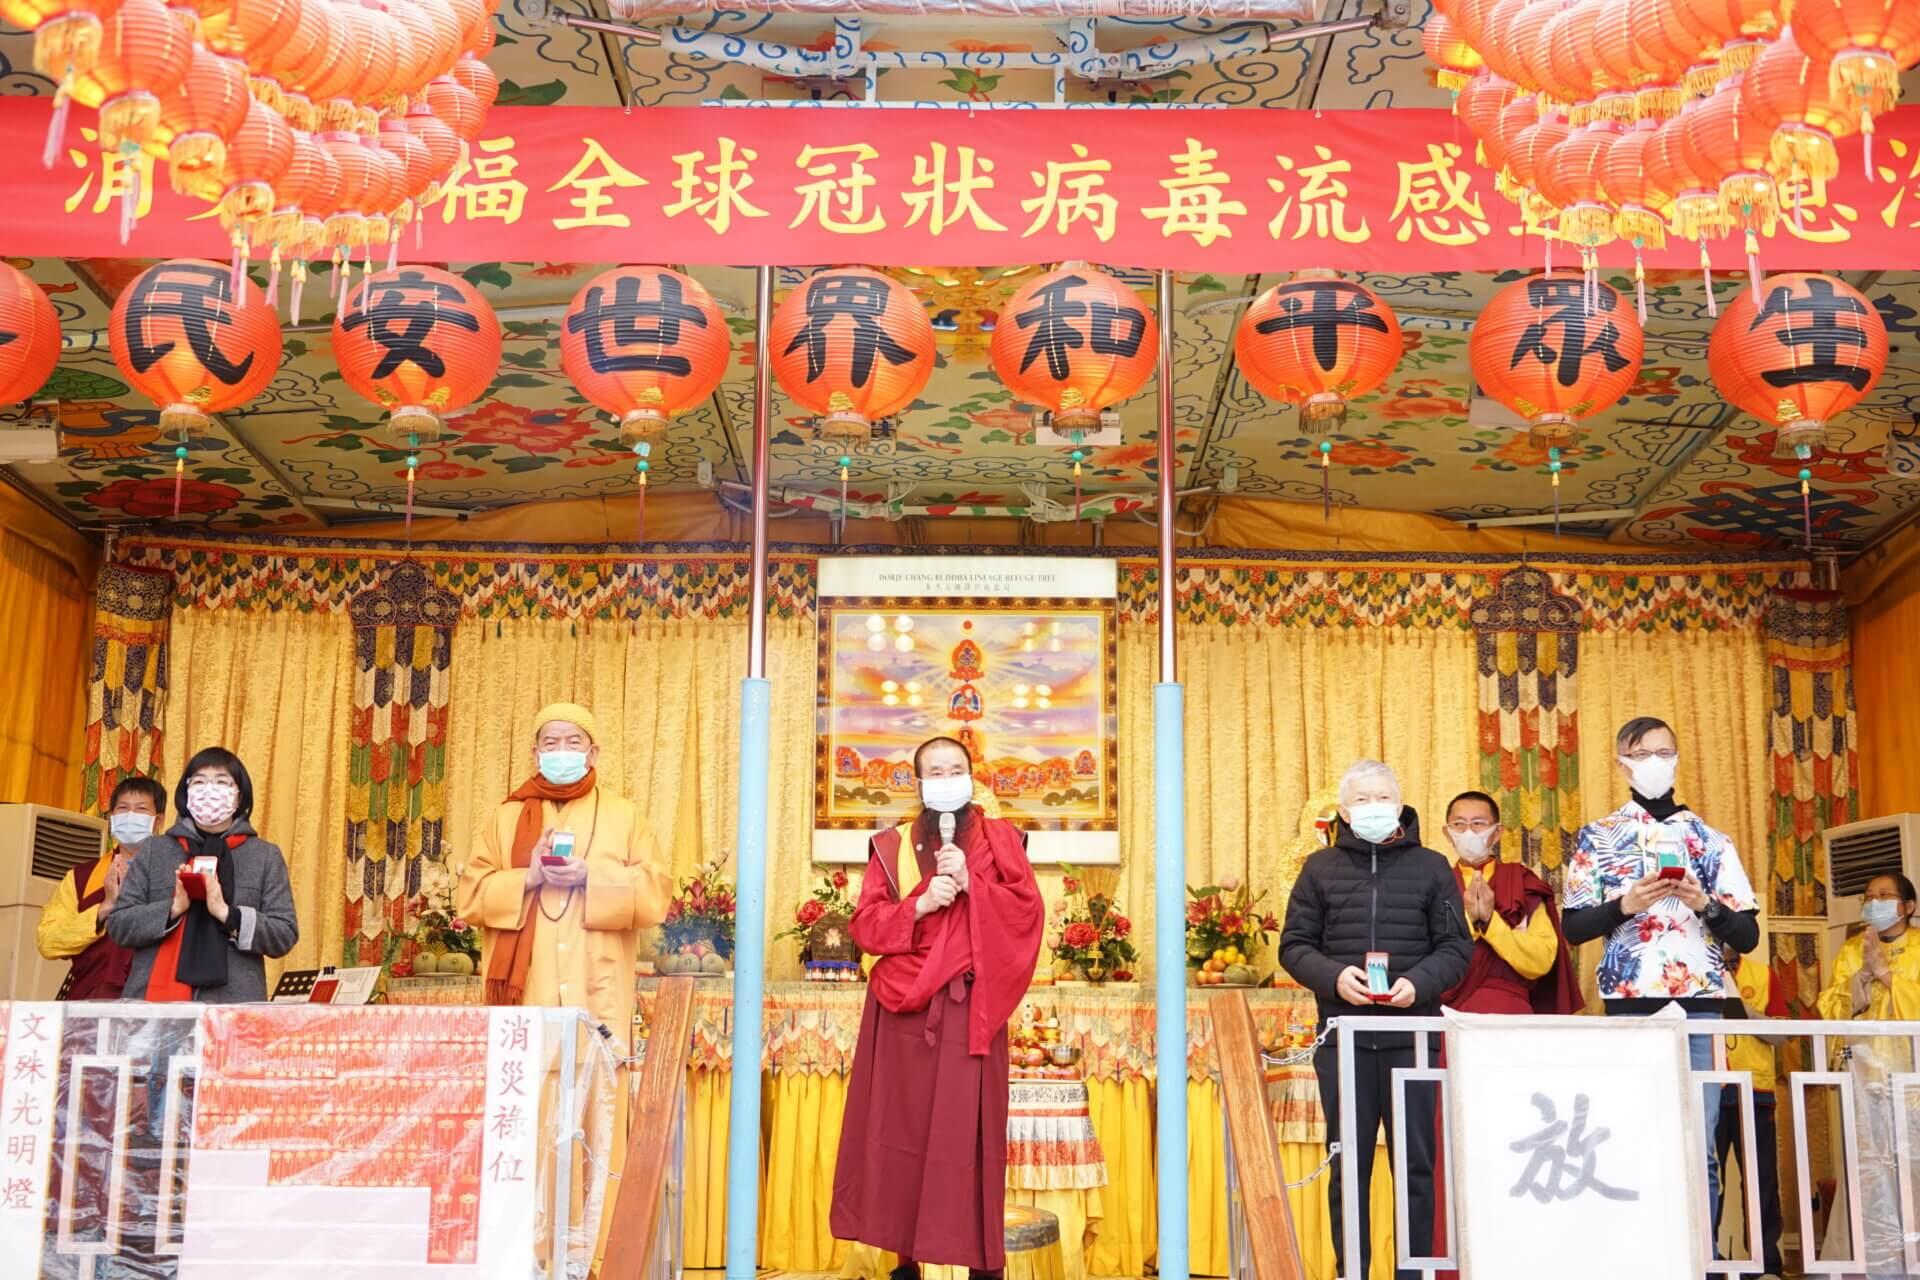 行動佛殿117站台北中正紀念堂,本會指導上師恆性嘉措仁波且(中)感謝貴賓蒞臨